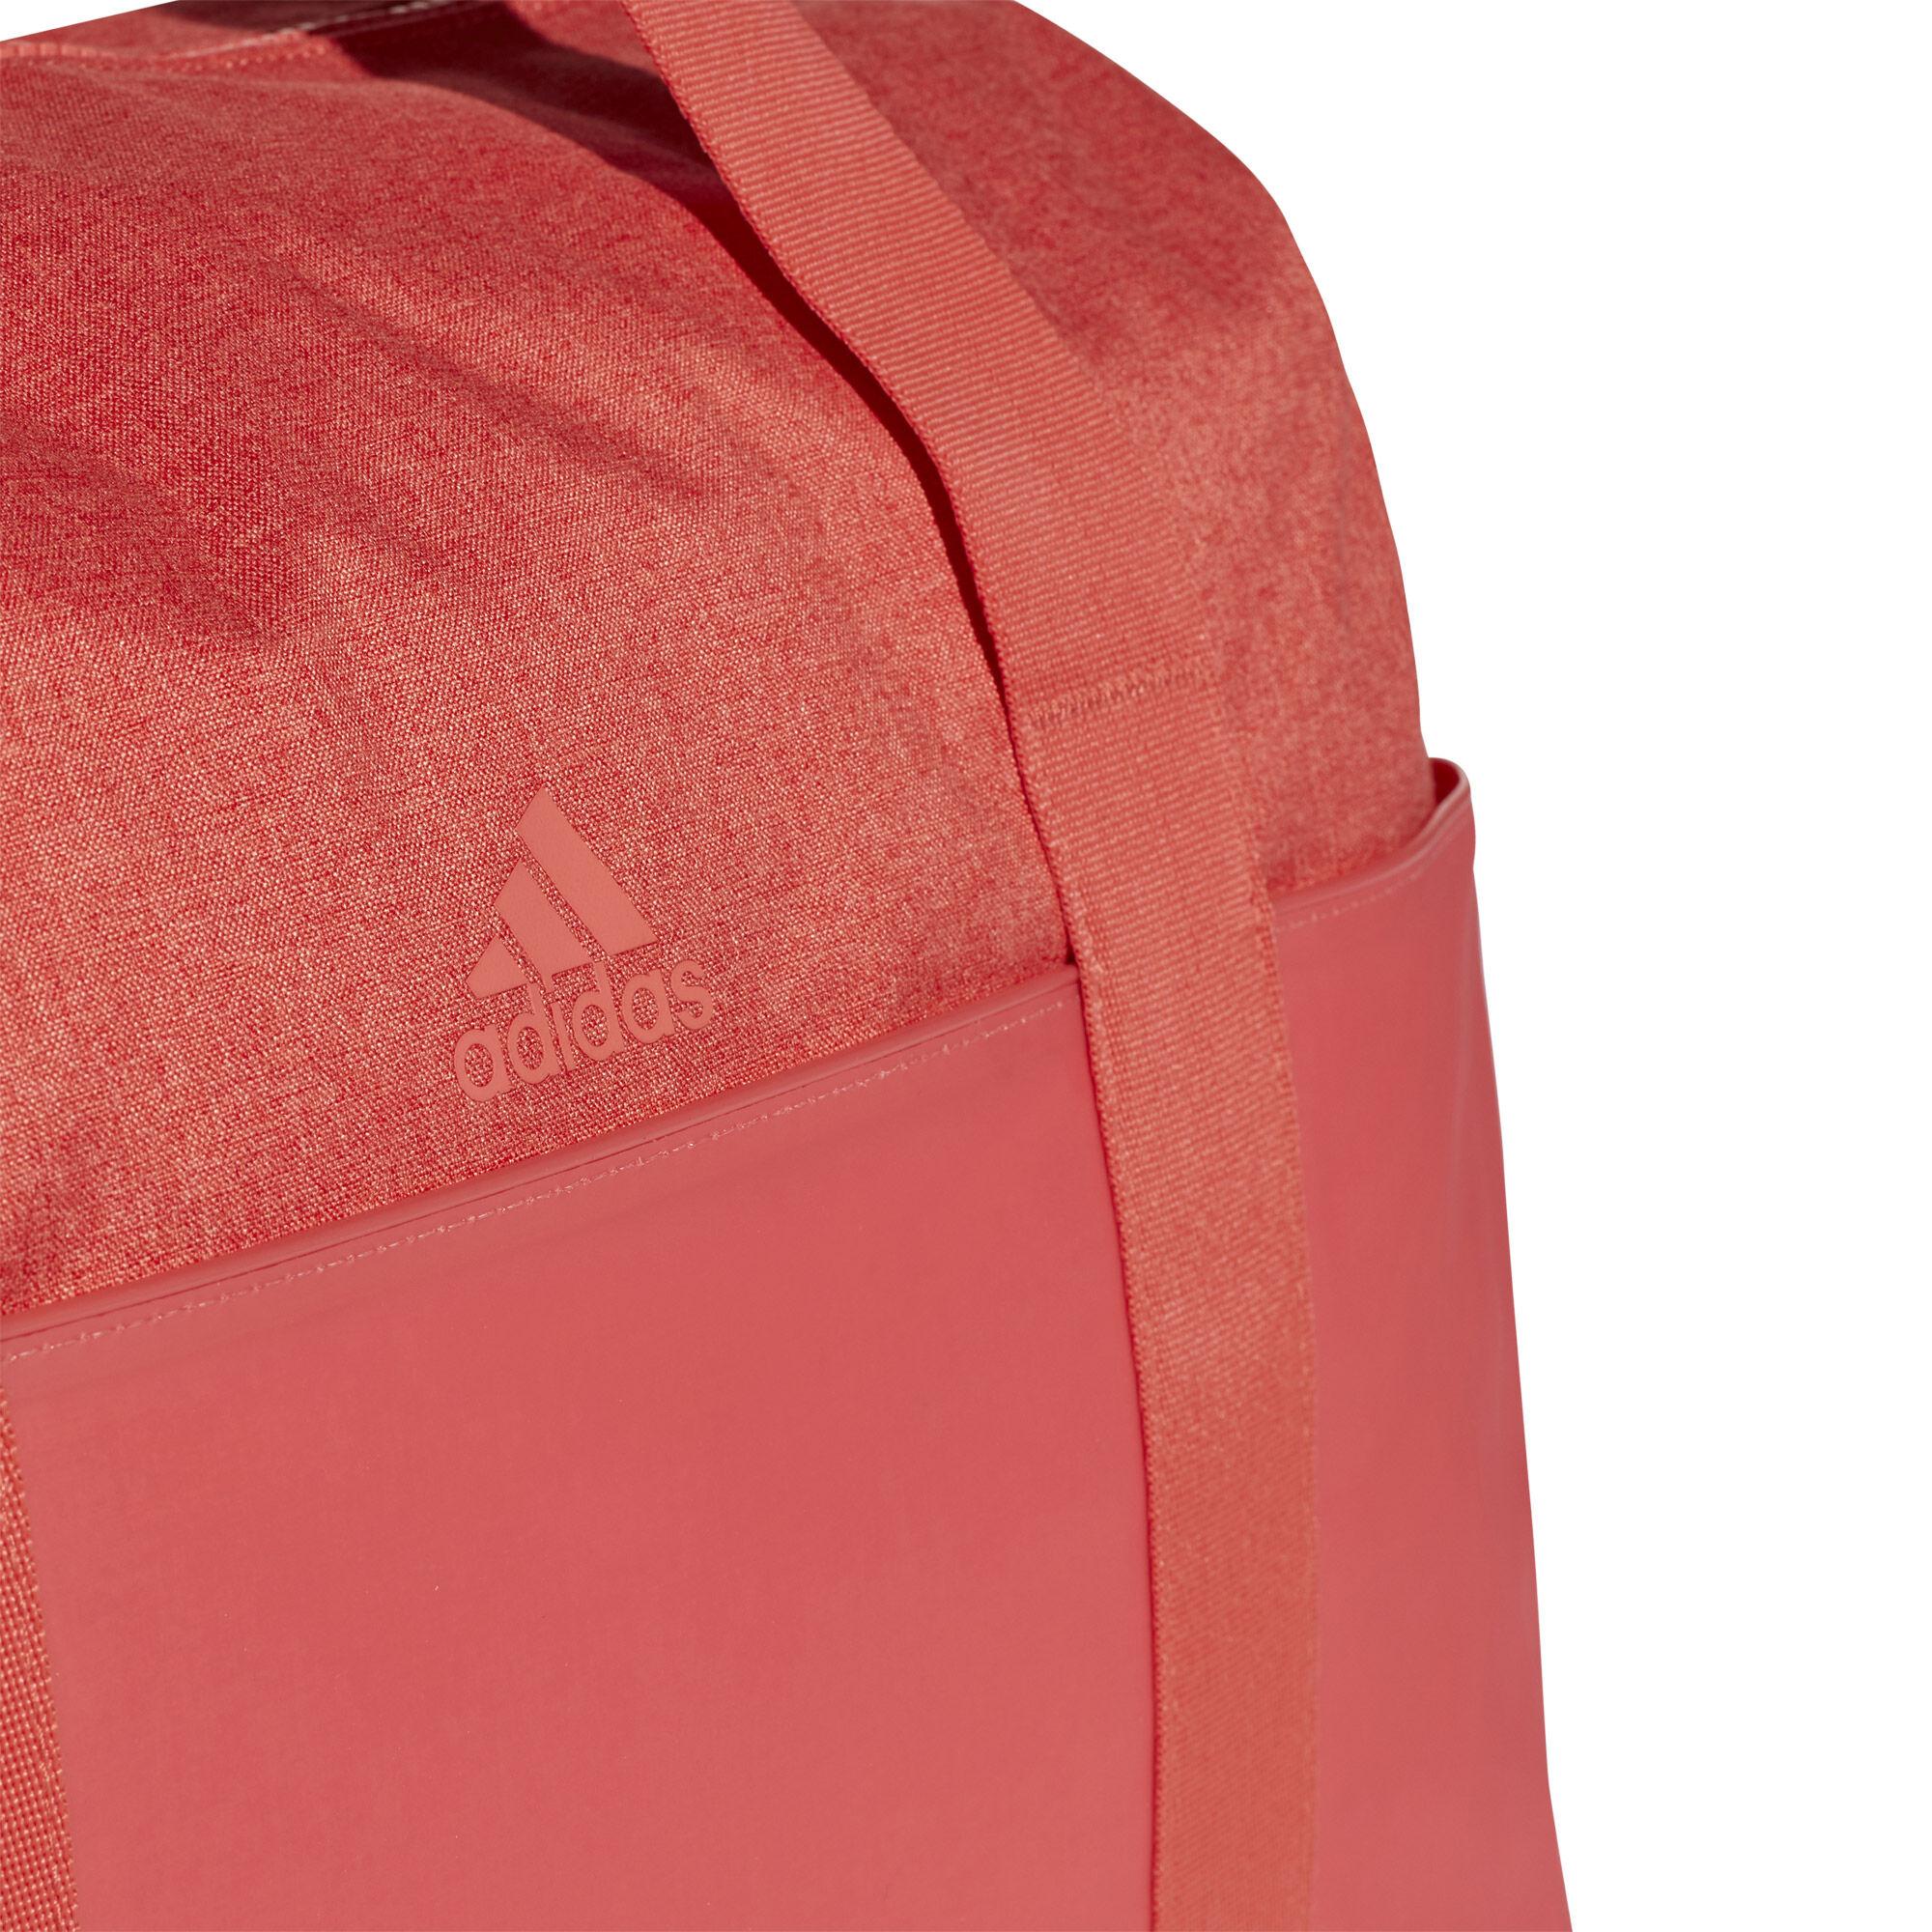 adidas Training ID Sporttasche Koralle, Grau online kaufen